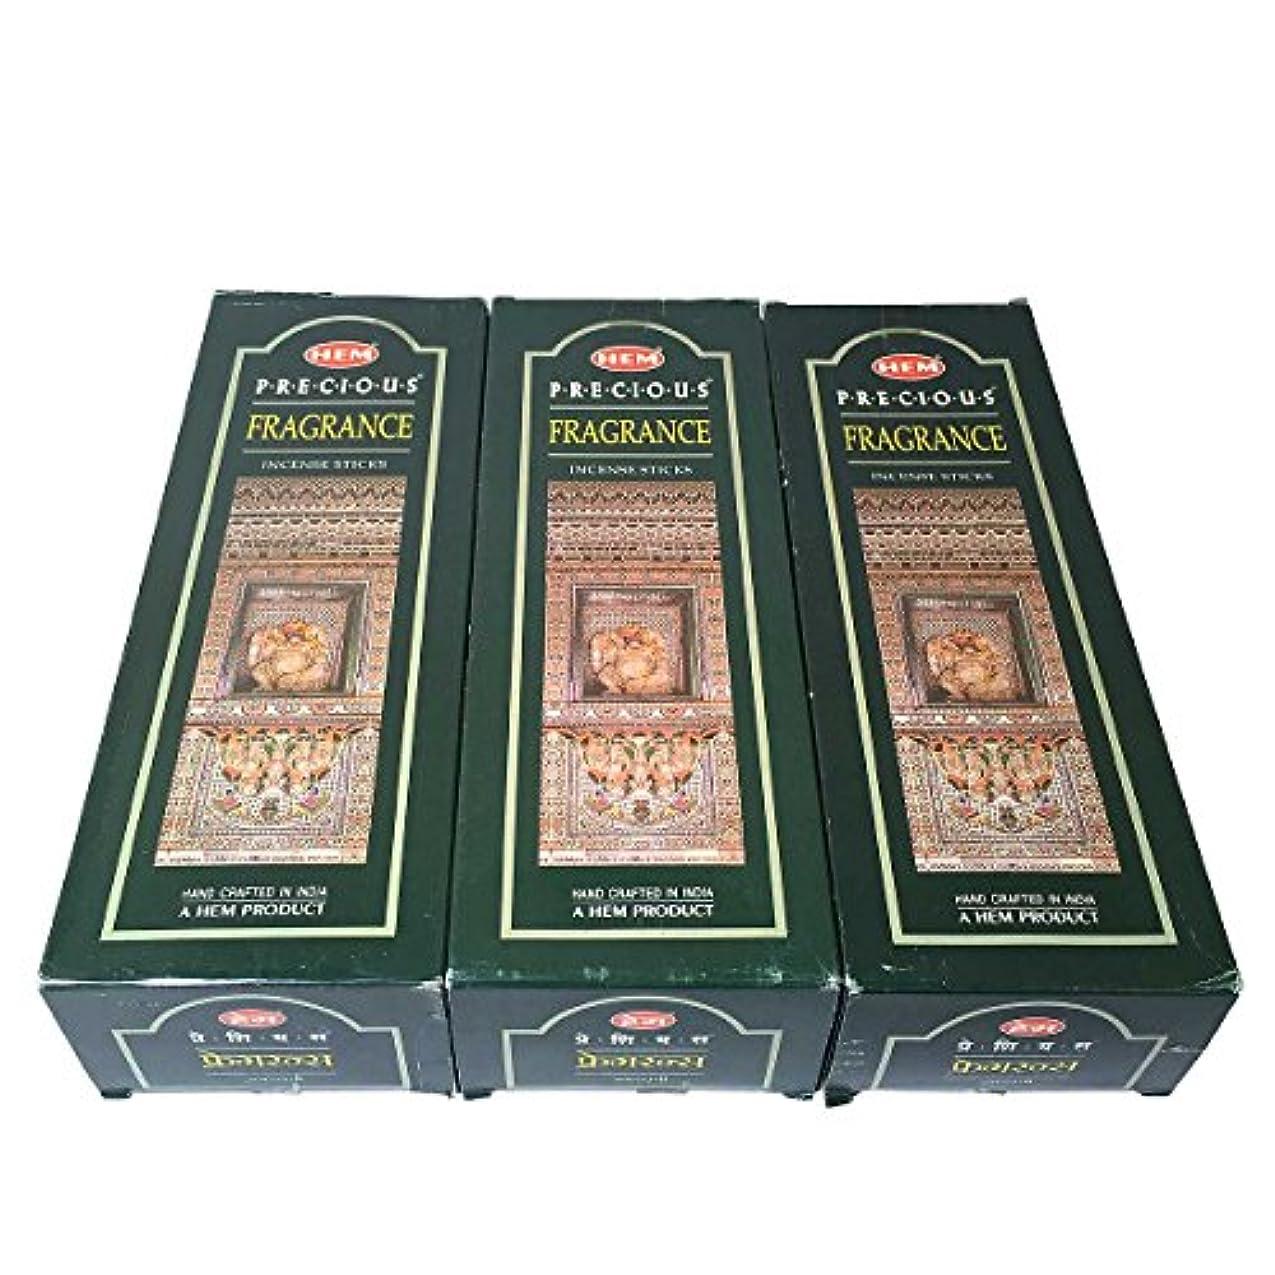 吸い込む直感パッドプレシャスフレグランス香スティック 3BOX(18箱) /HEM FRAGRANCE/インセンス/インド香 お香 [並行輸入品]